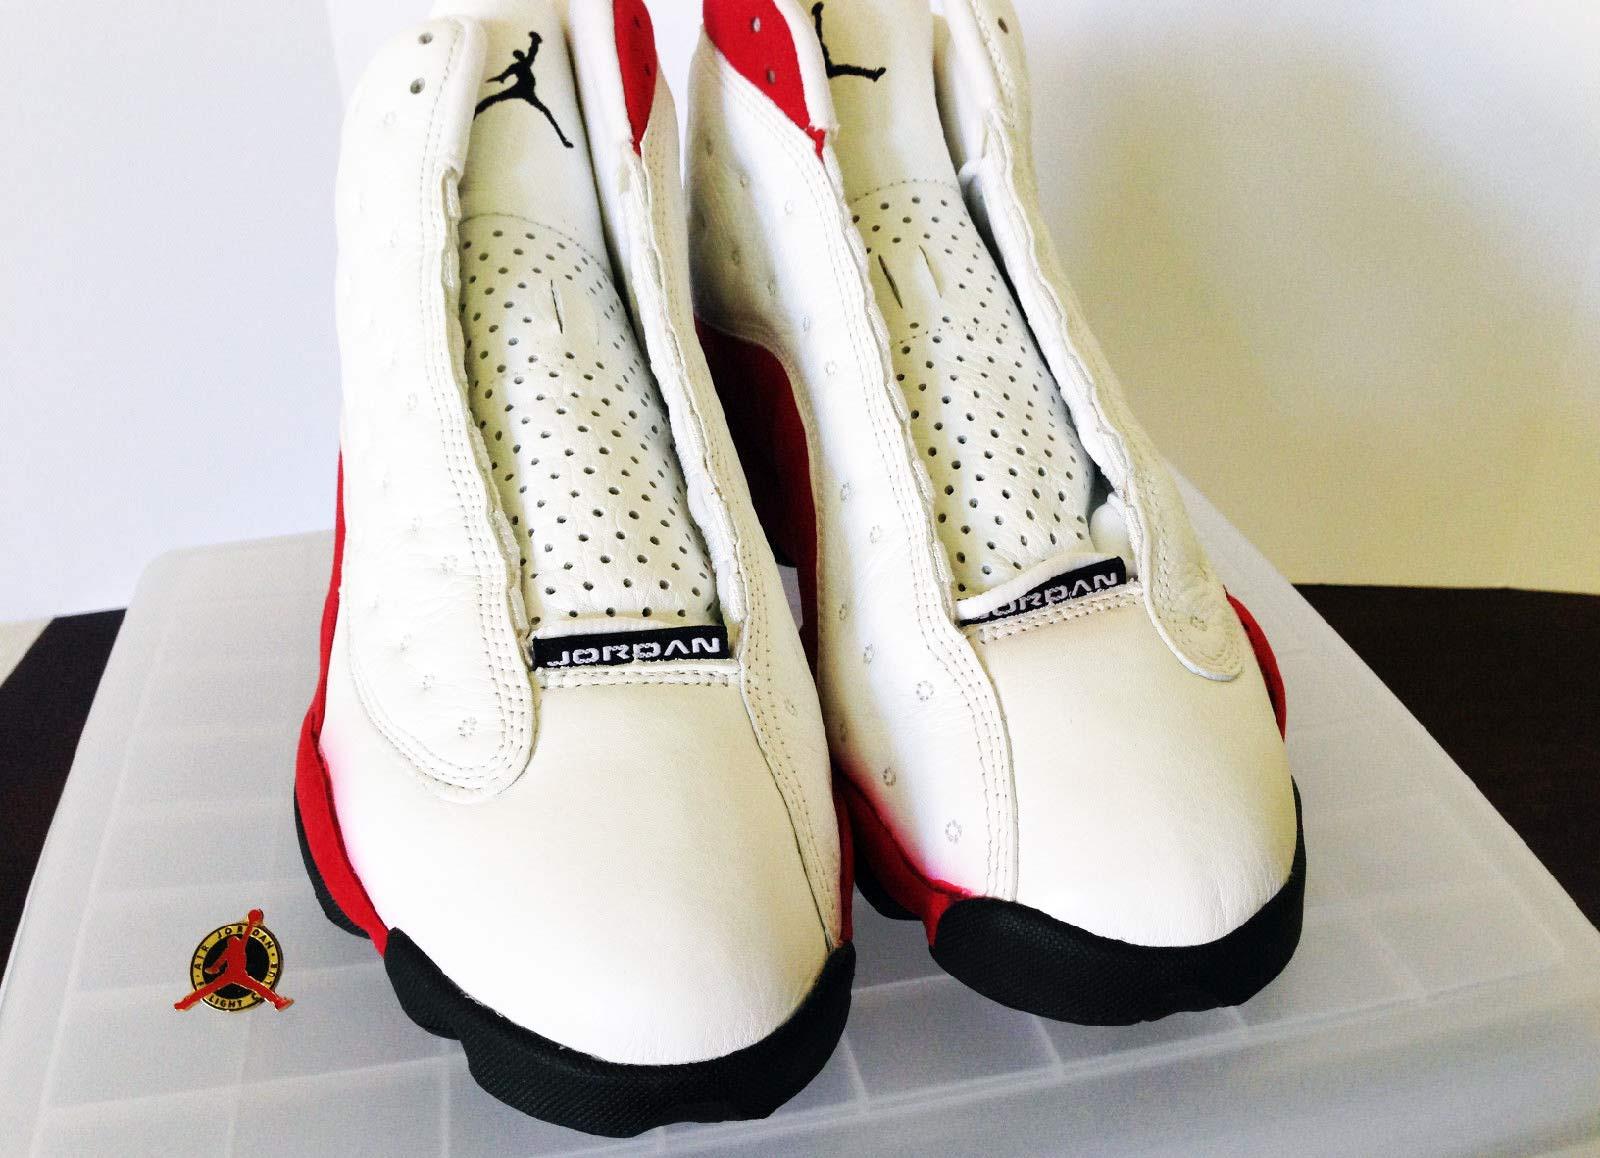 Nike Air Jordan Shoes  History   Pictures (1985-1999) 7e40d4e33ace